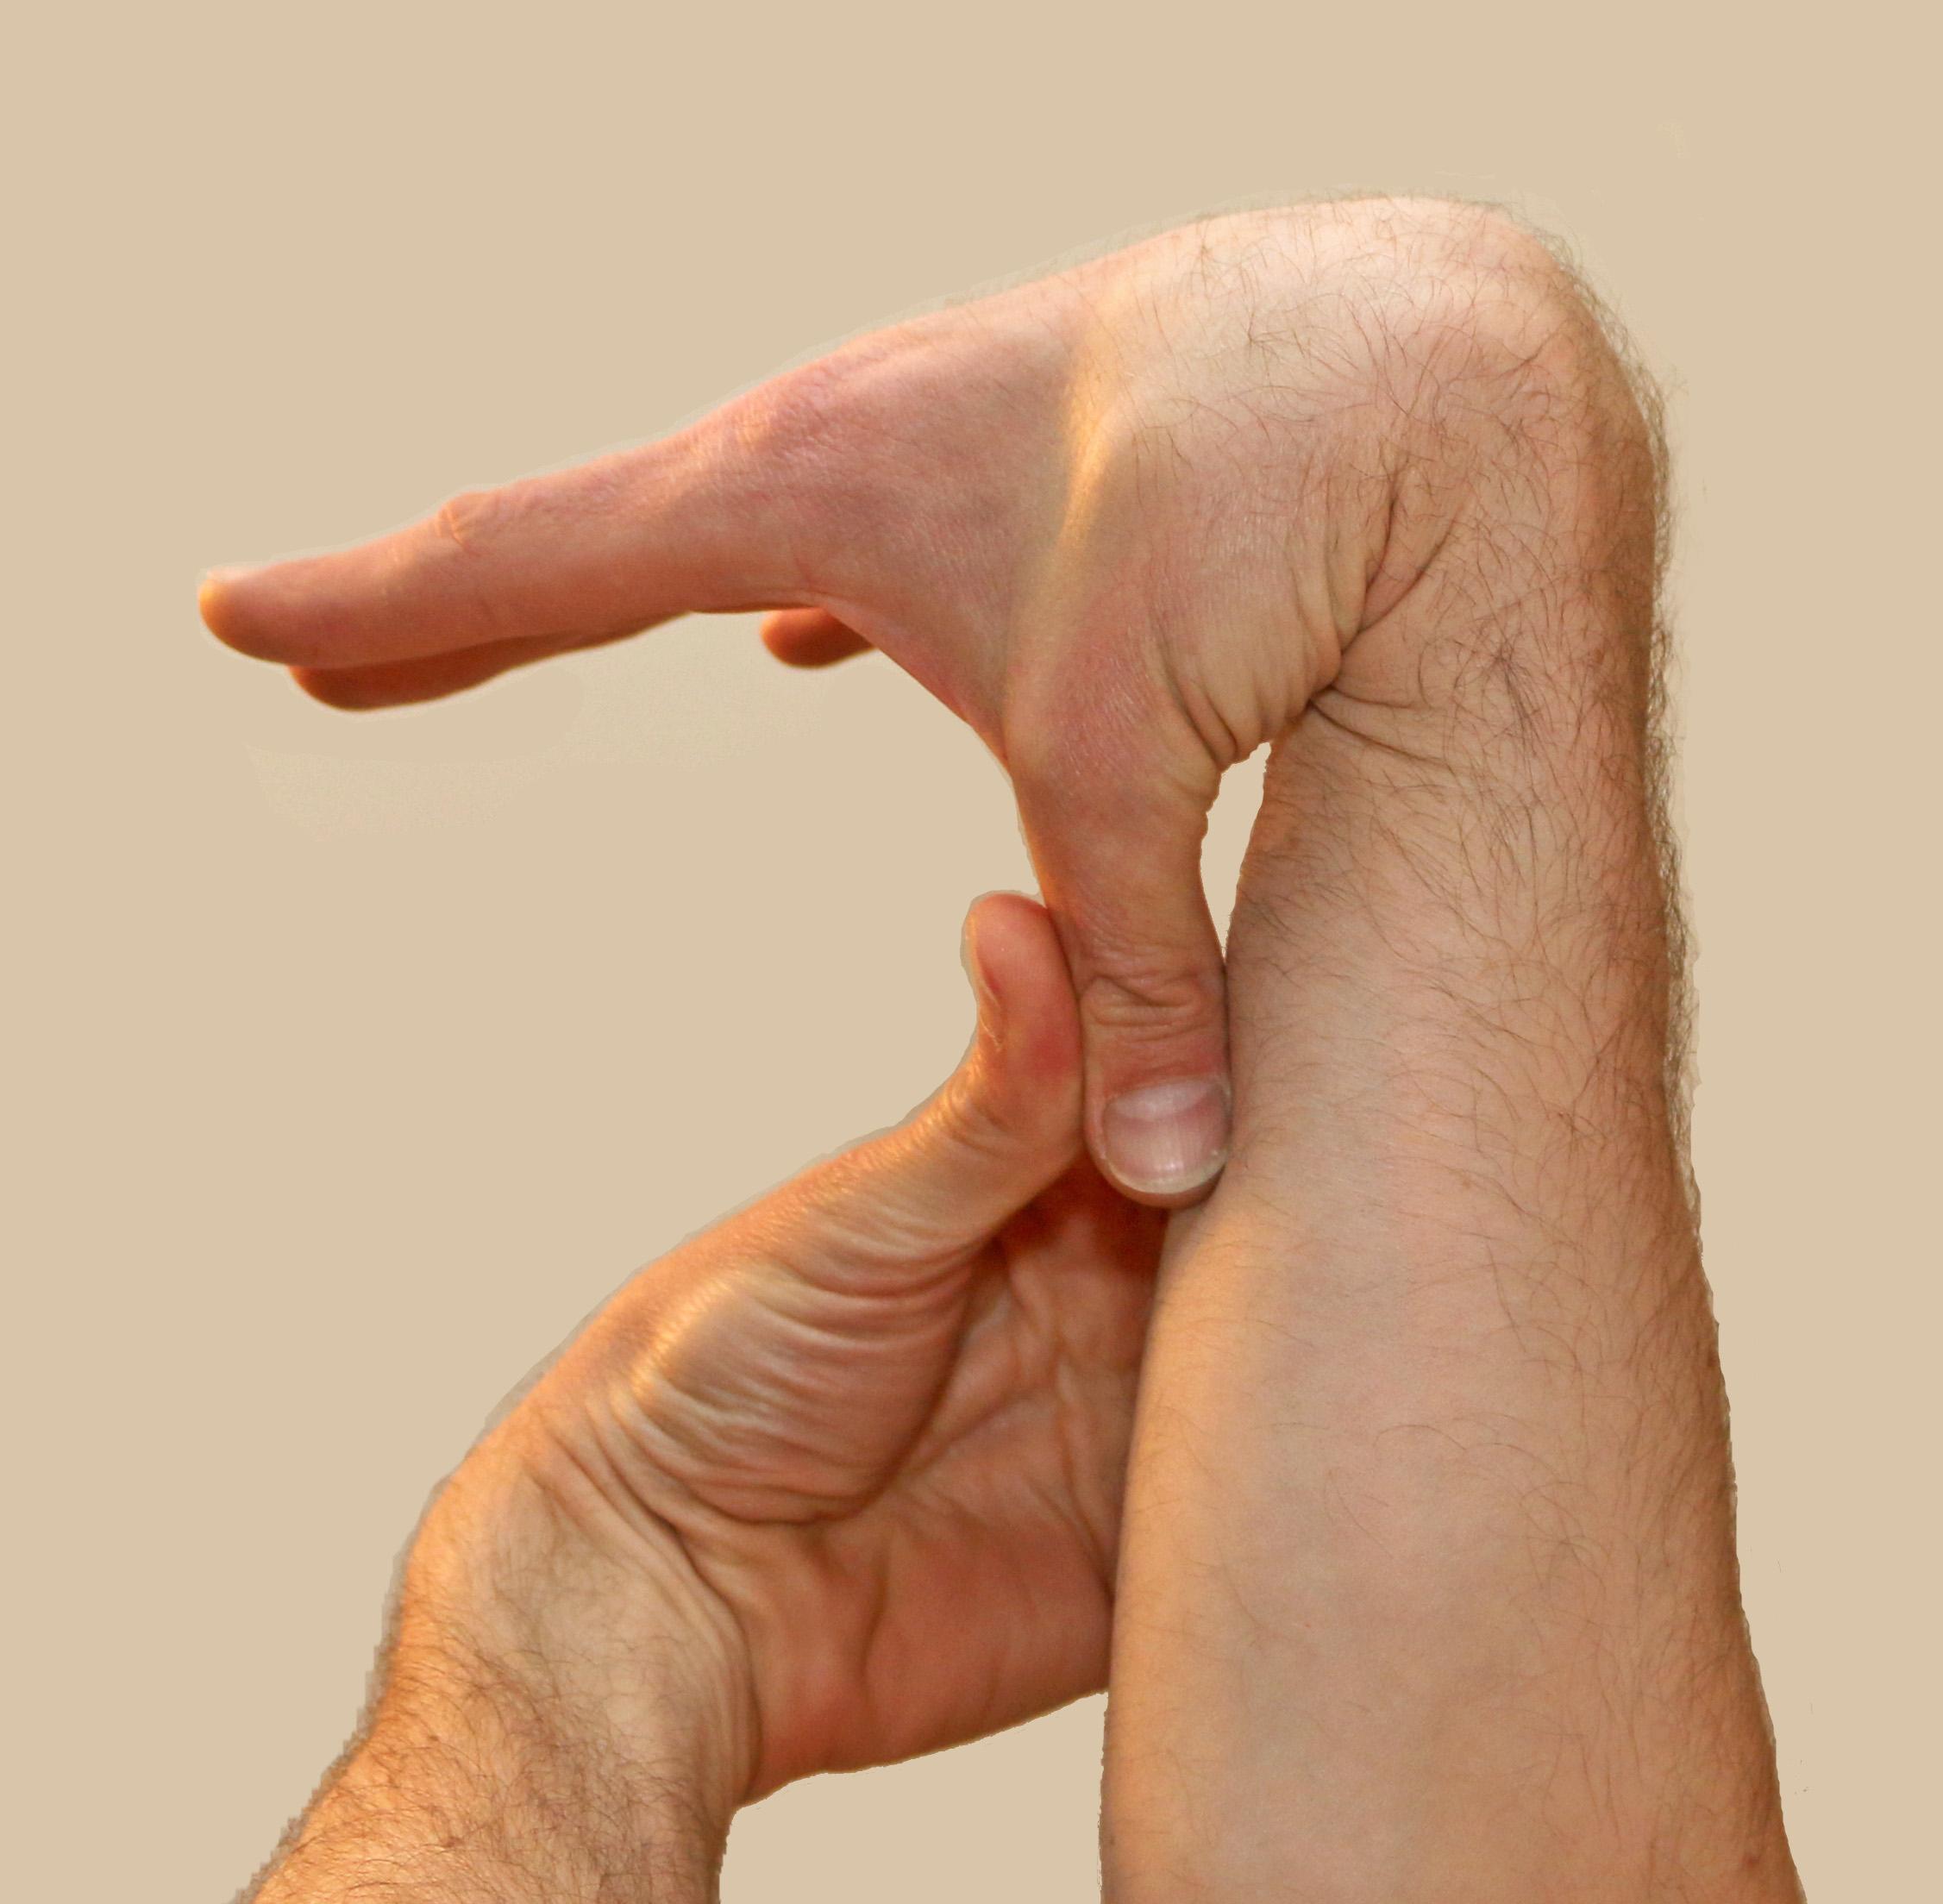 картинки деформация руки находится сосновом лесу